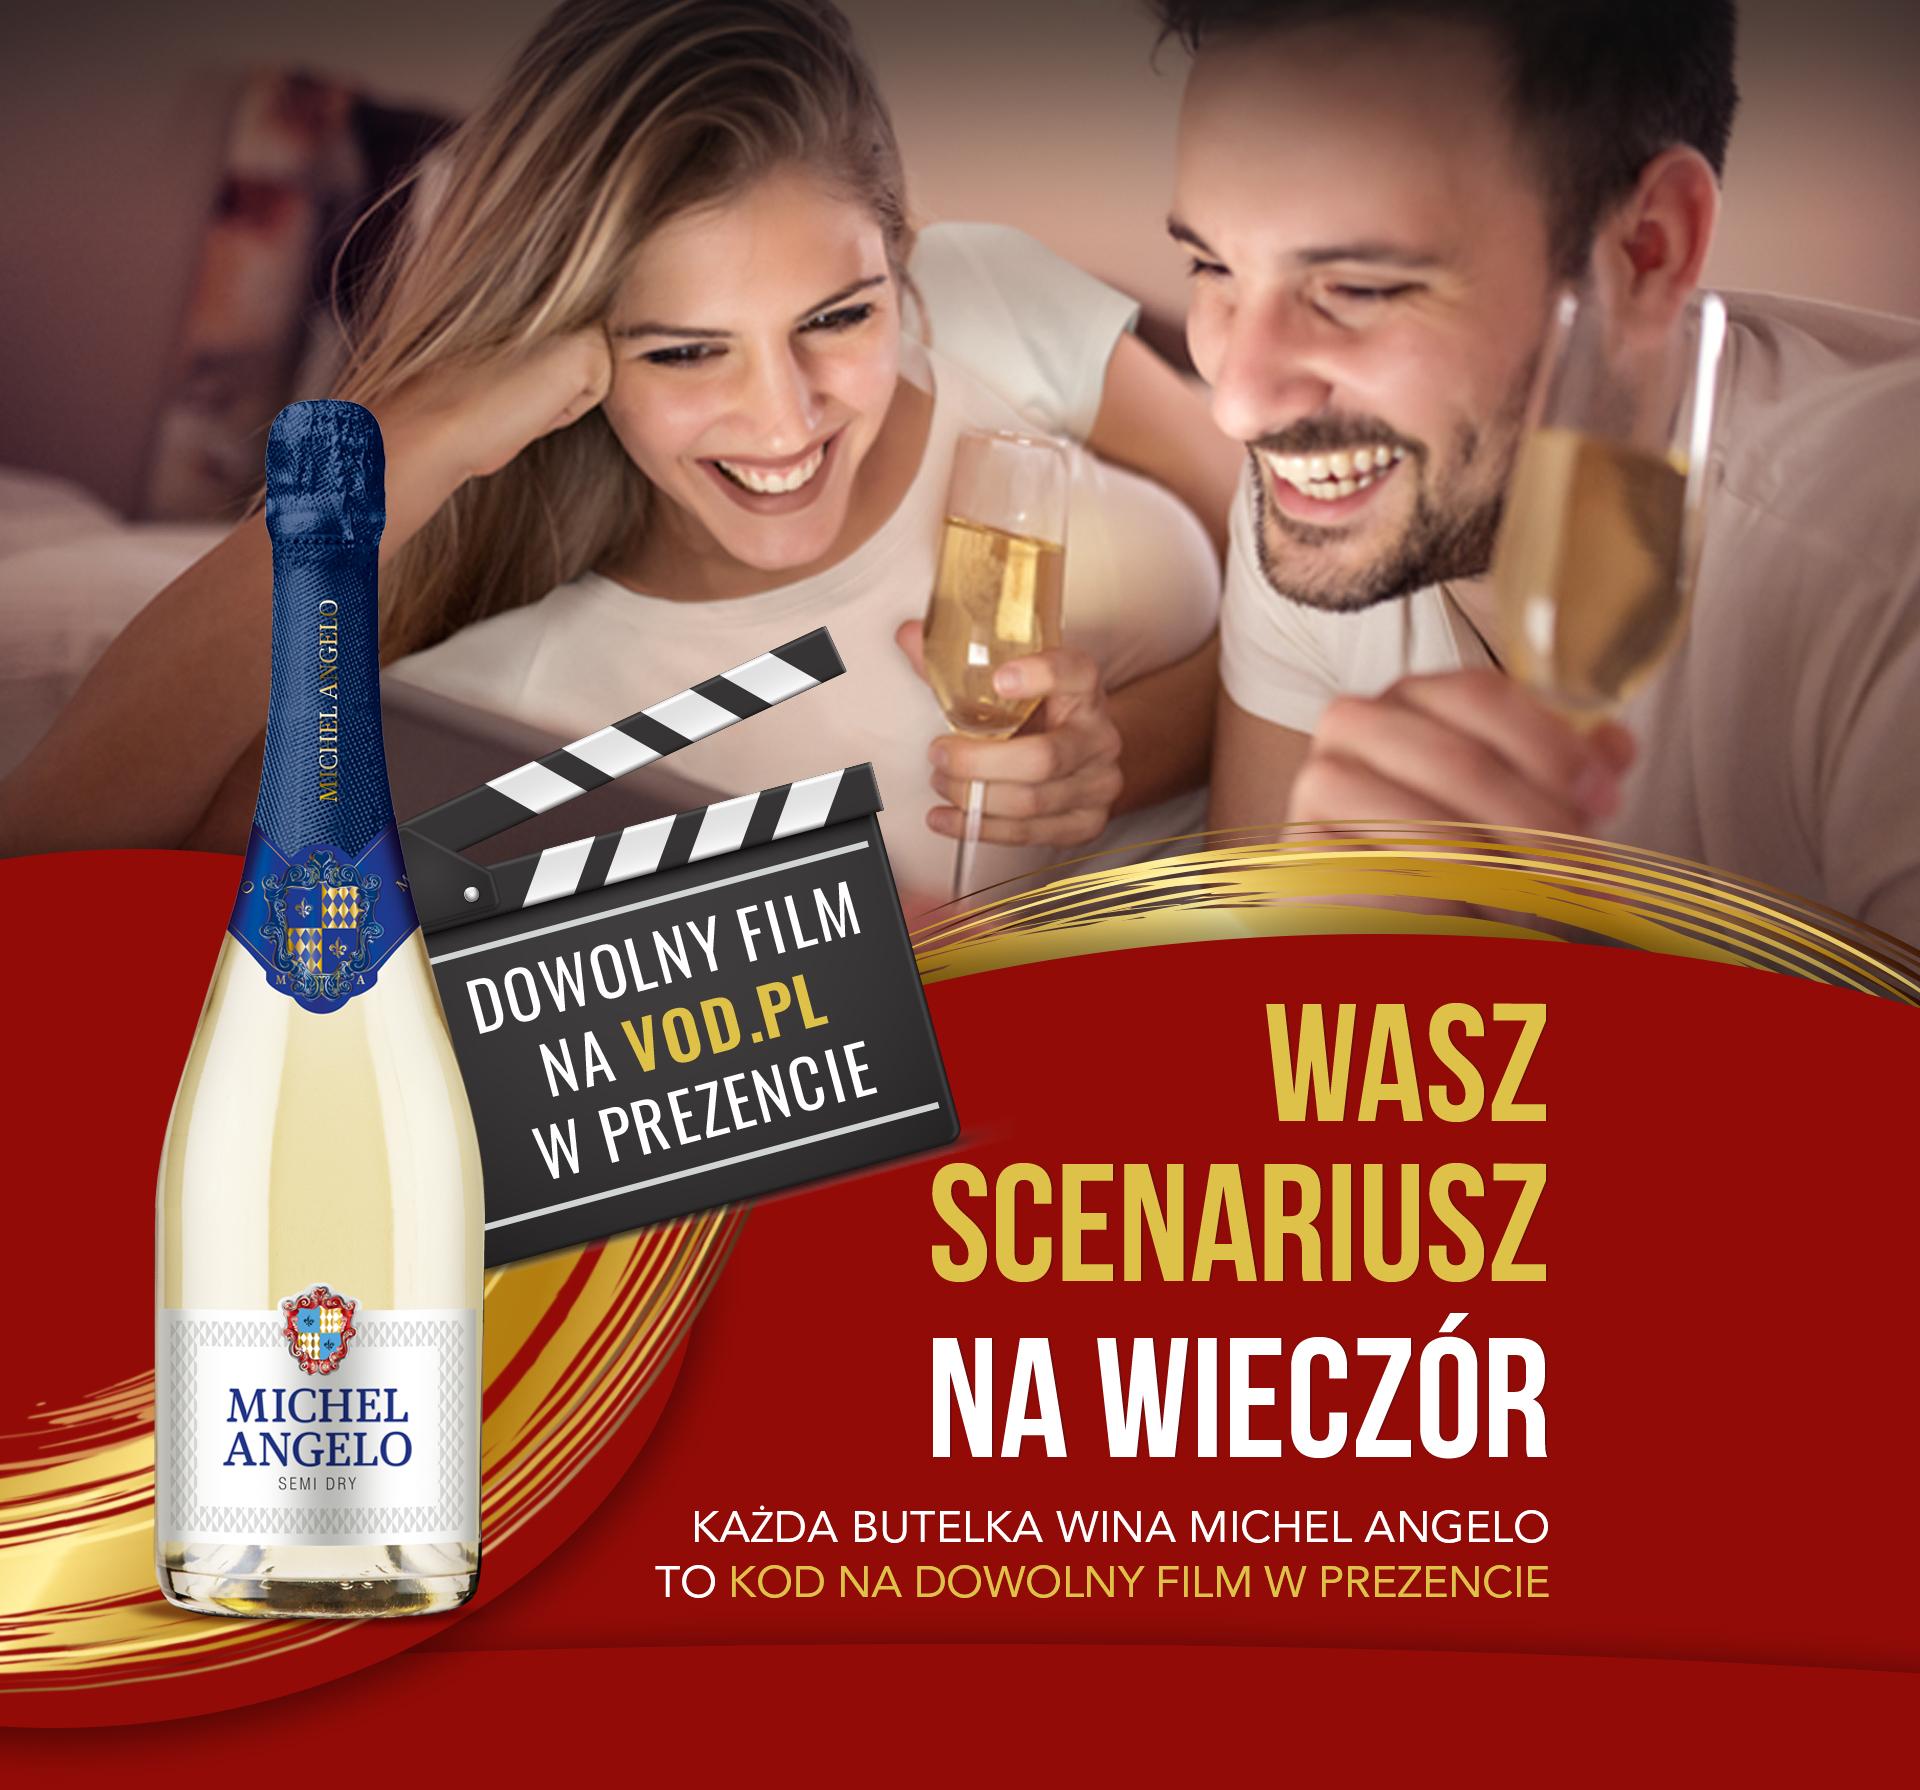 Film na VOD.pl w prezencie